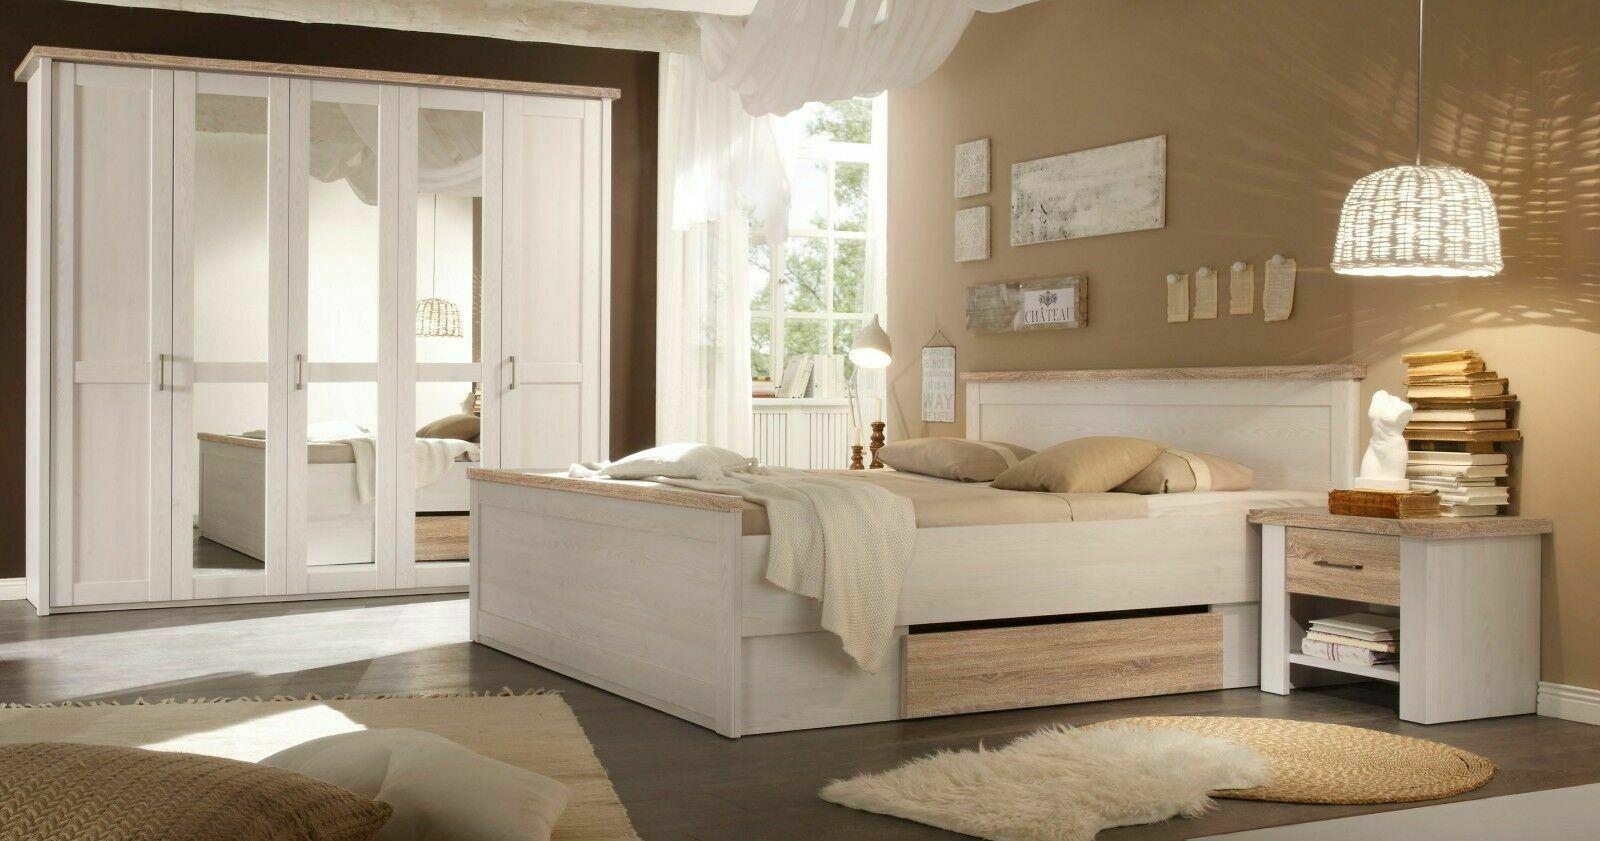 Full Size of überbau Schlafzimmer Modern Mehr Als 10000 Angebote Massivholz Led Deckenleuchte Wohnzimmer Bilder Wandtattoo Komplette Tapete Küche Wandbilder Komplett Mit Wohnzimmer überbau Schlafzimmer Modern